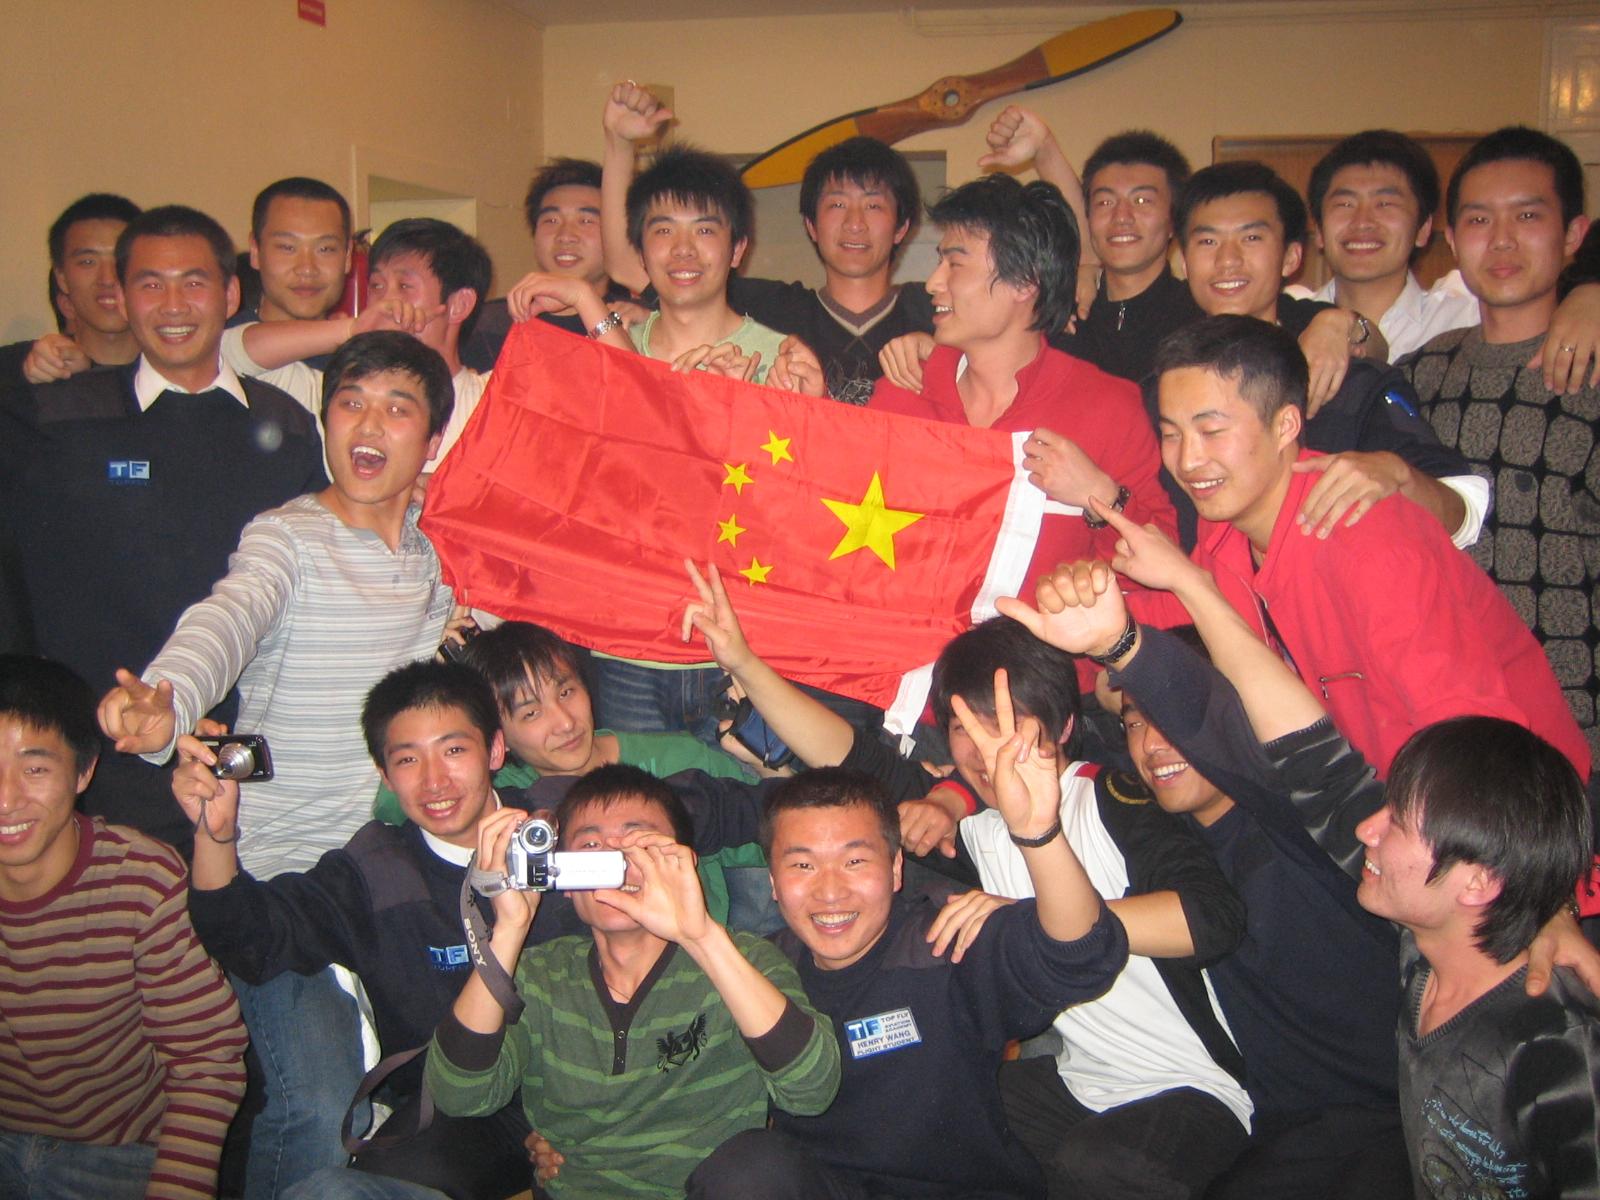 Alumnos de Air China en Top Fly Huesca celebran la llegada del año nuevo chino -febrero 2008-.